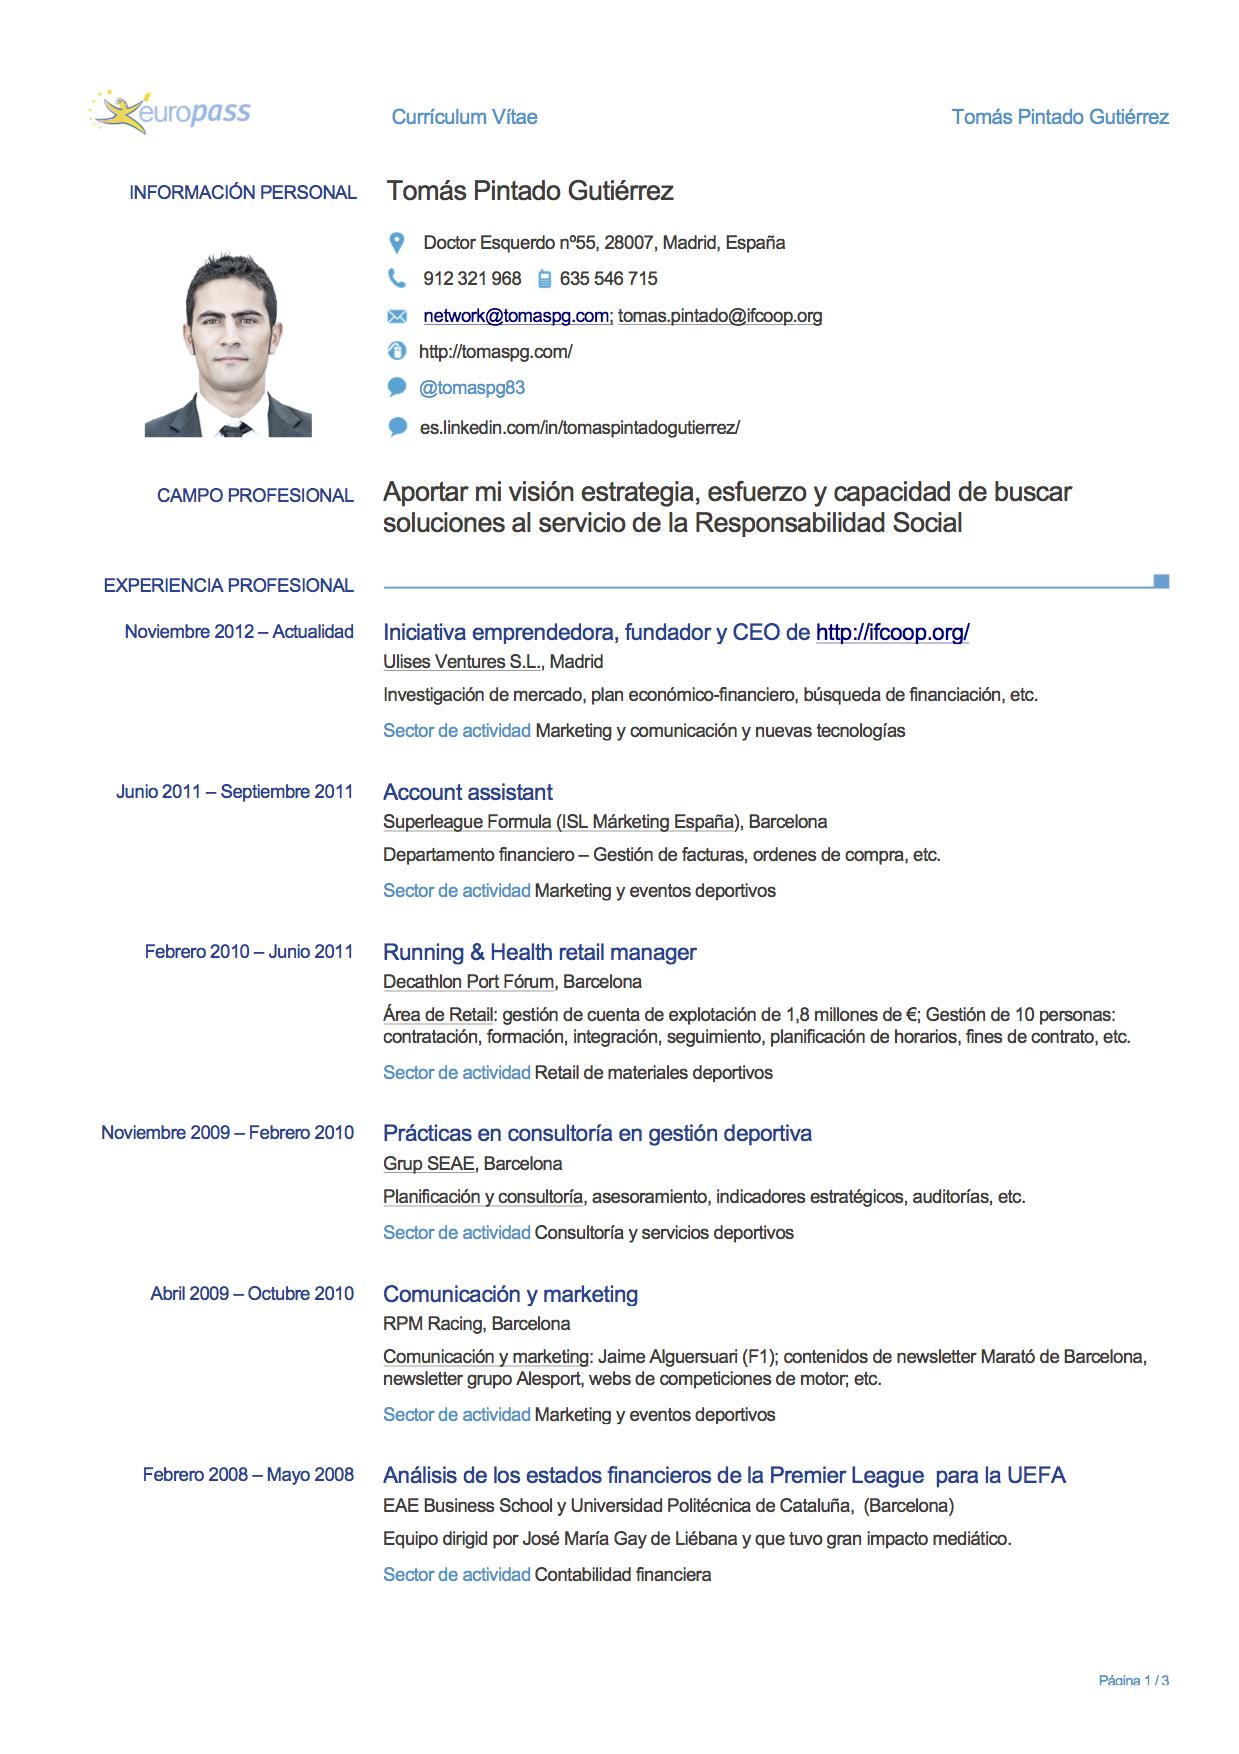 europass curriculum vitae hrvatski